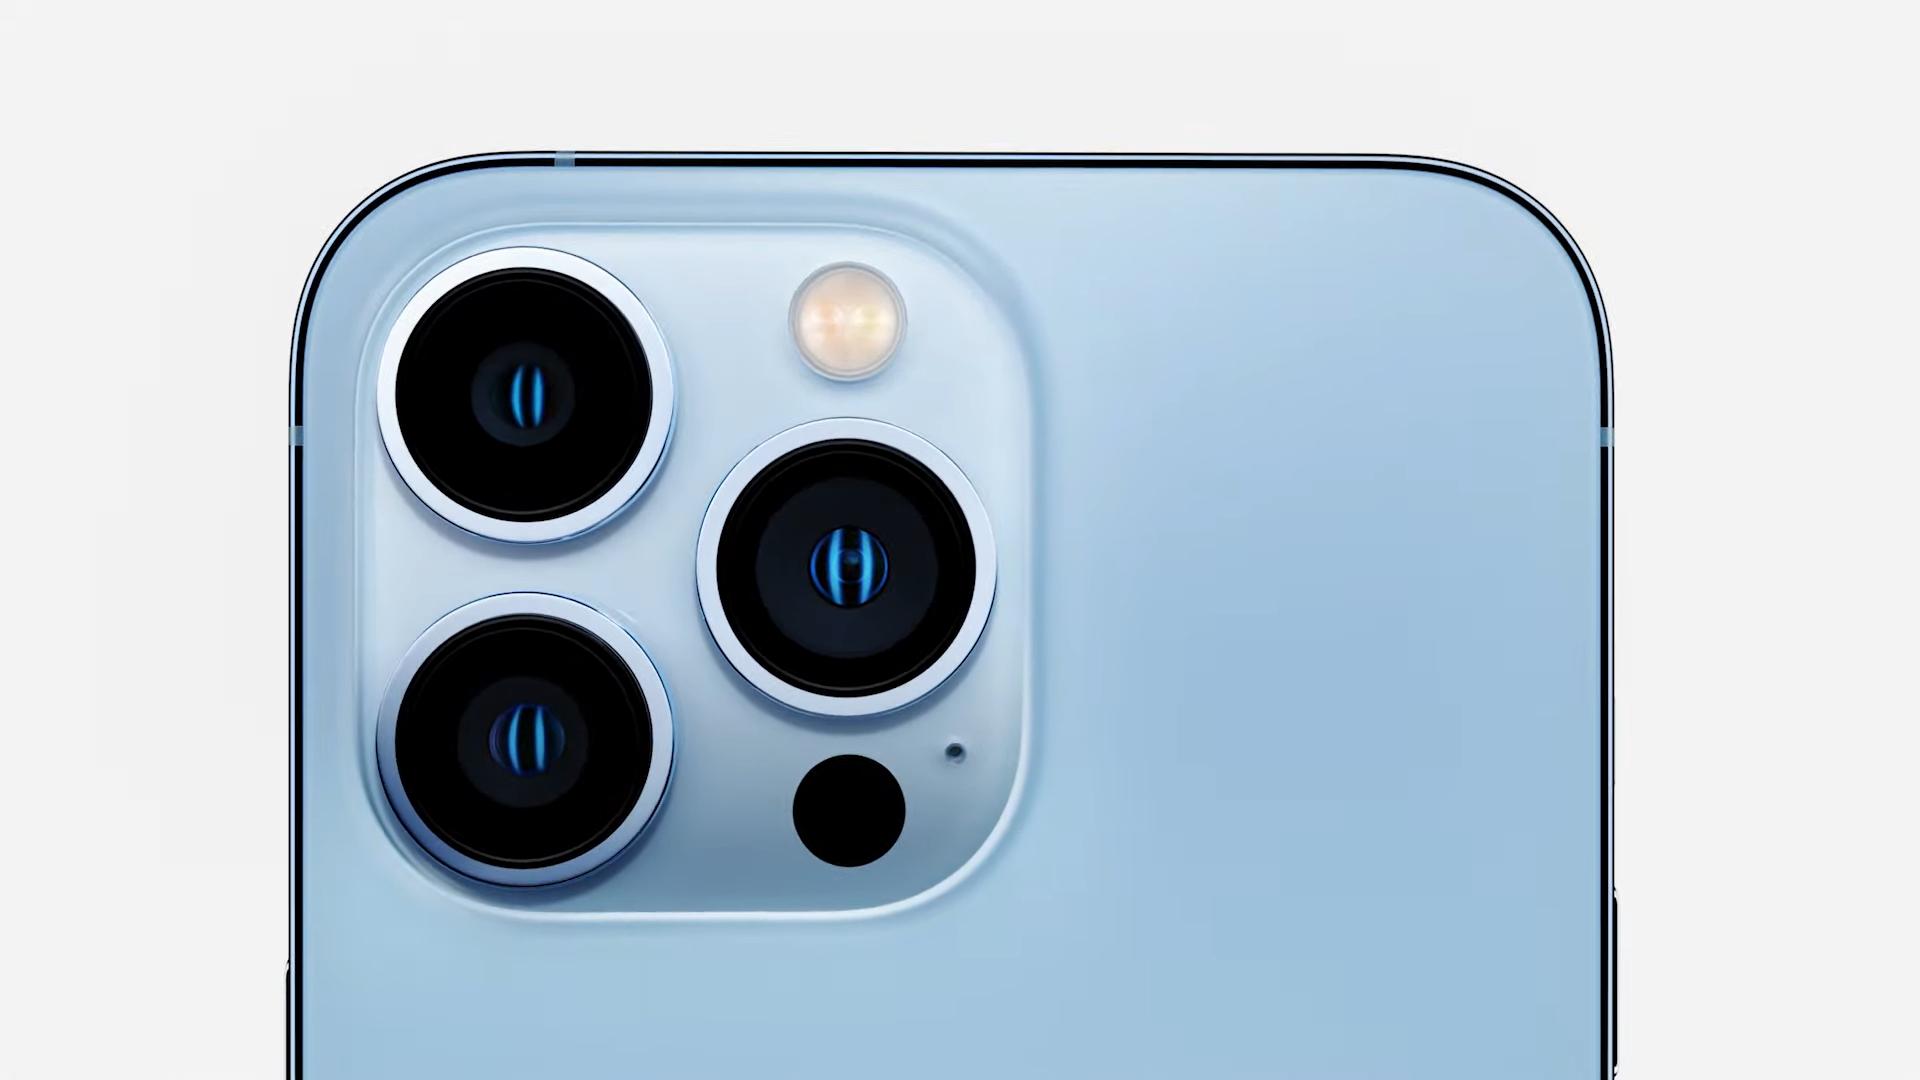 Nový iPhone 13 Pro a Pro Max představen – konečně 120Hz displej a menší notch